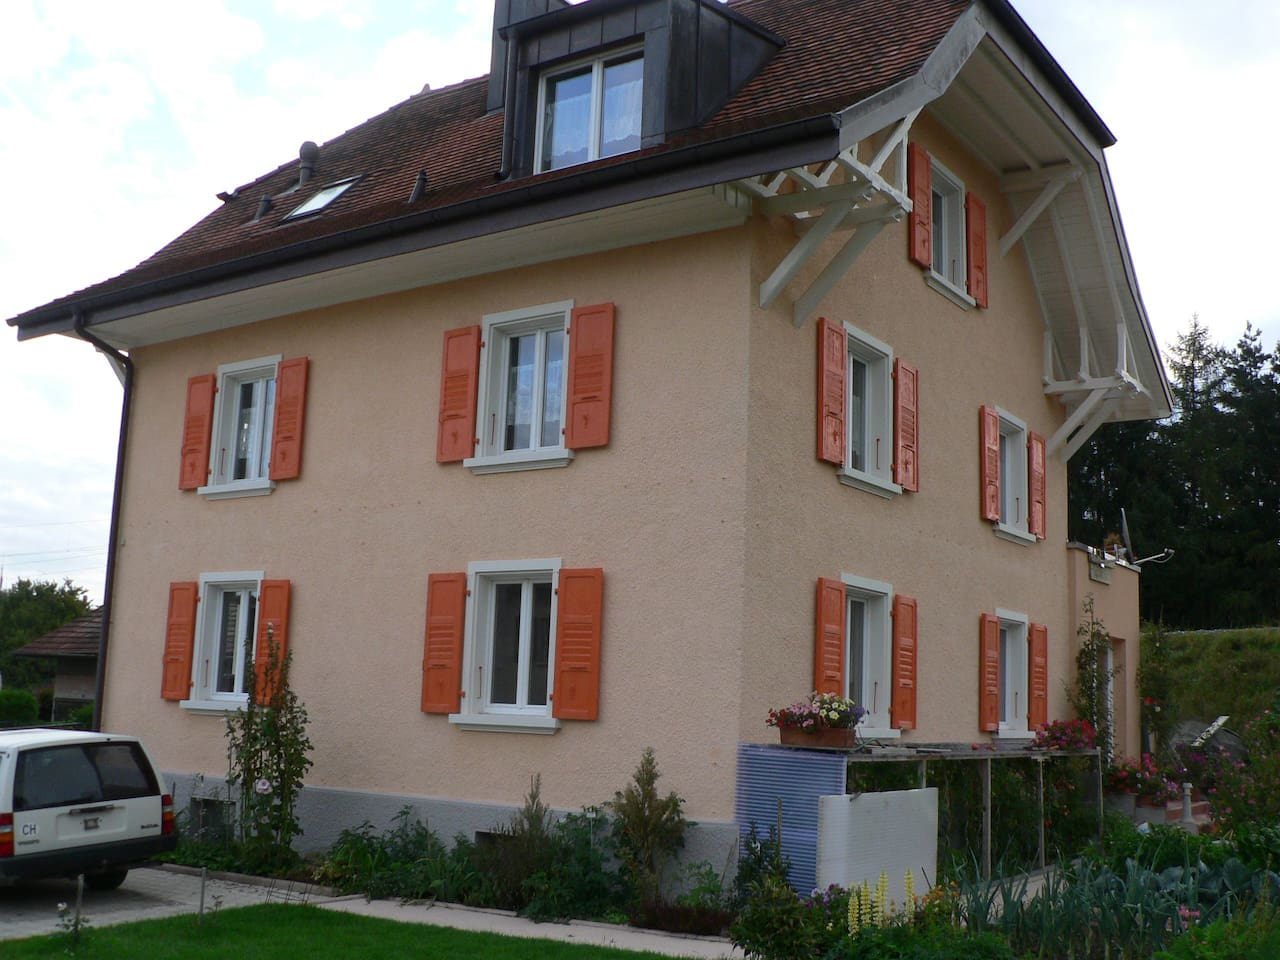 Ravissant rez-de-chaussée à proximité de Fribourg Votre appartement se trouve au rez-de-chaussée de cette maison individuelle rénovée. Tout à droite, vous trouverez l'espace cuisine avec une porte-fenêtre donnant sur une terrasse équipée d'une grande table et d'un barbecue (bois à disposition) attenante à un jardin avec étendoir; à gauche, une place de parc pavée peut accueillir plusieurs véhicules. Cette maison est bien insonorisée. Toutes les fenêtres (vitrage double) peuvent s'ouvrir en impost. Au sous-sol, une vaste buanderie (lave et sèche linge, étendoir) est à la disposition exclusive des voyageurs.